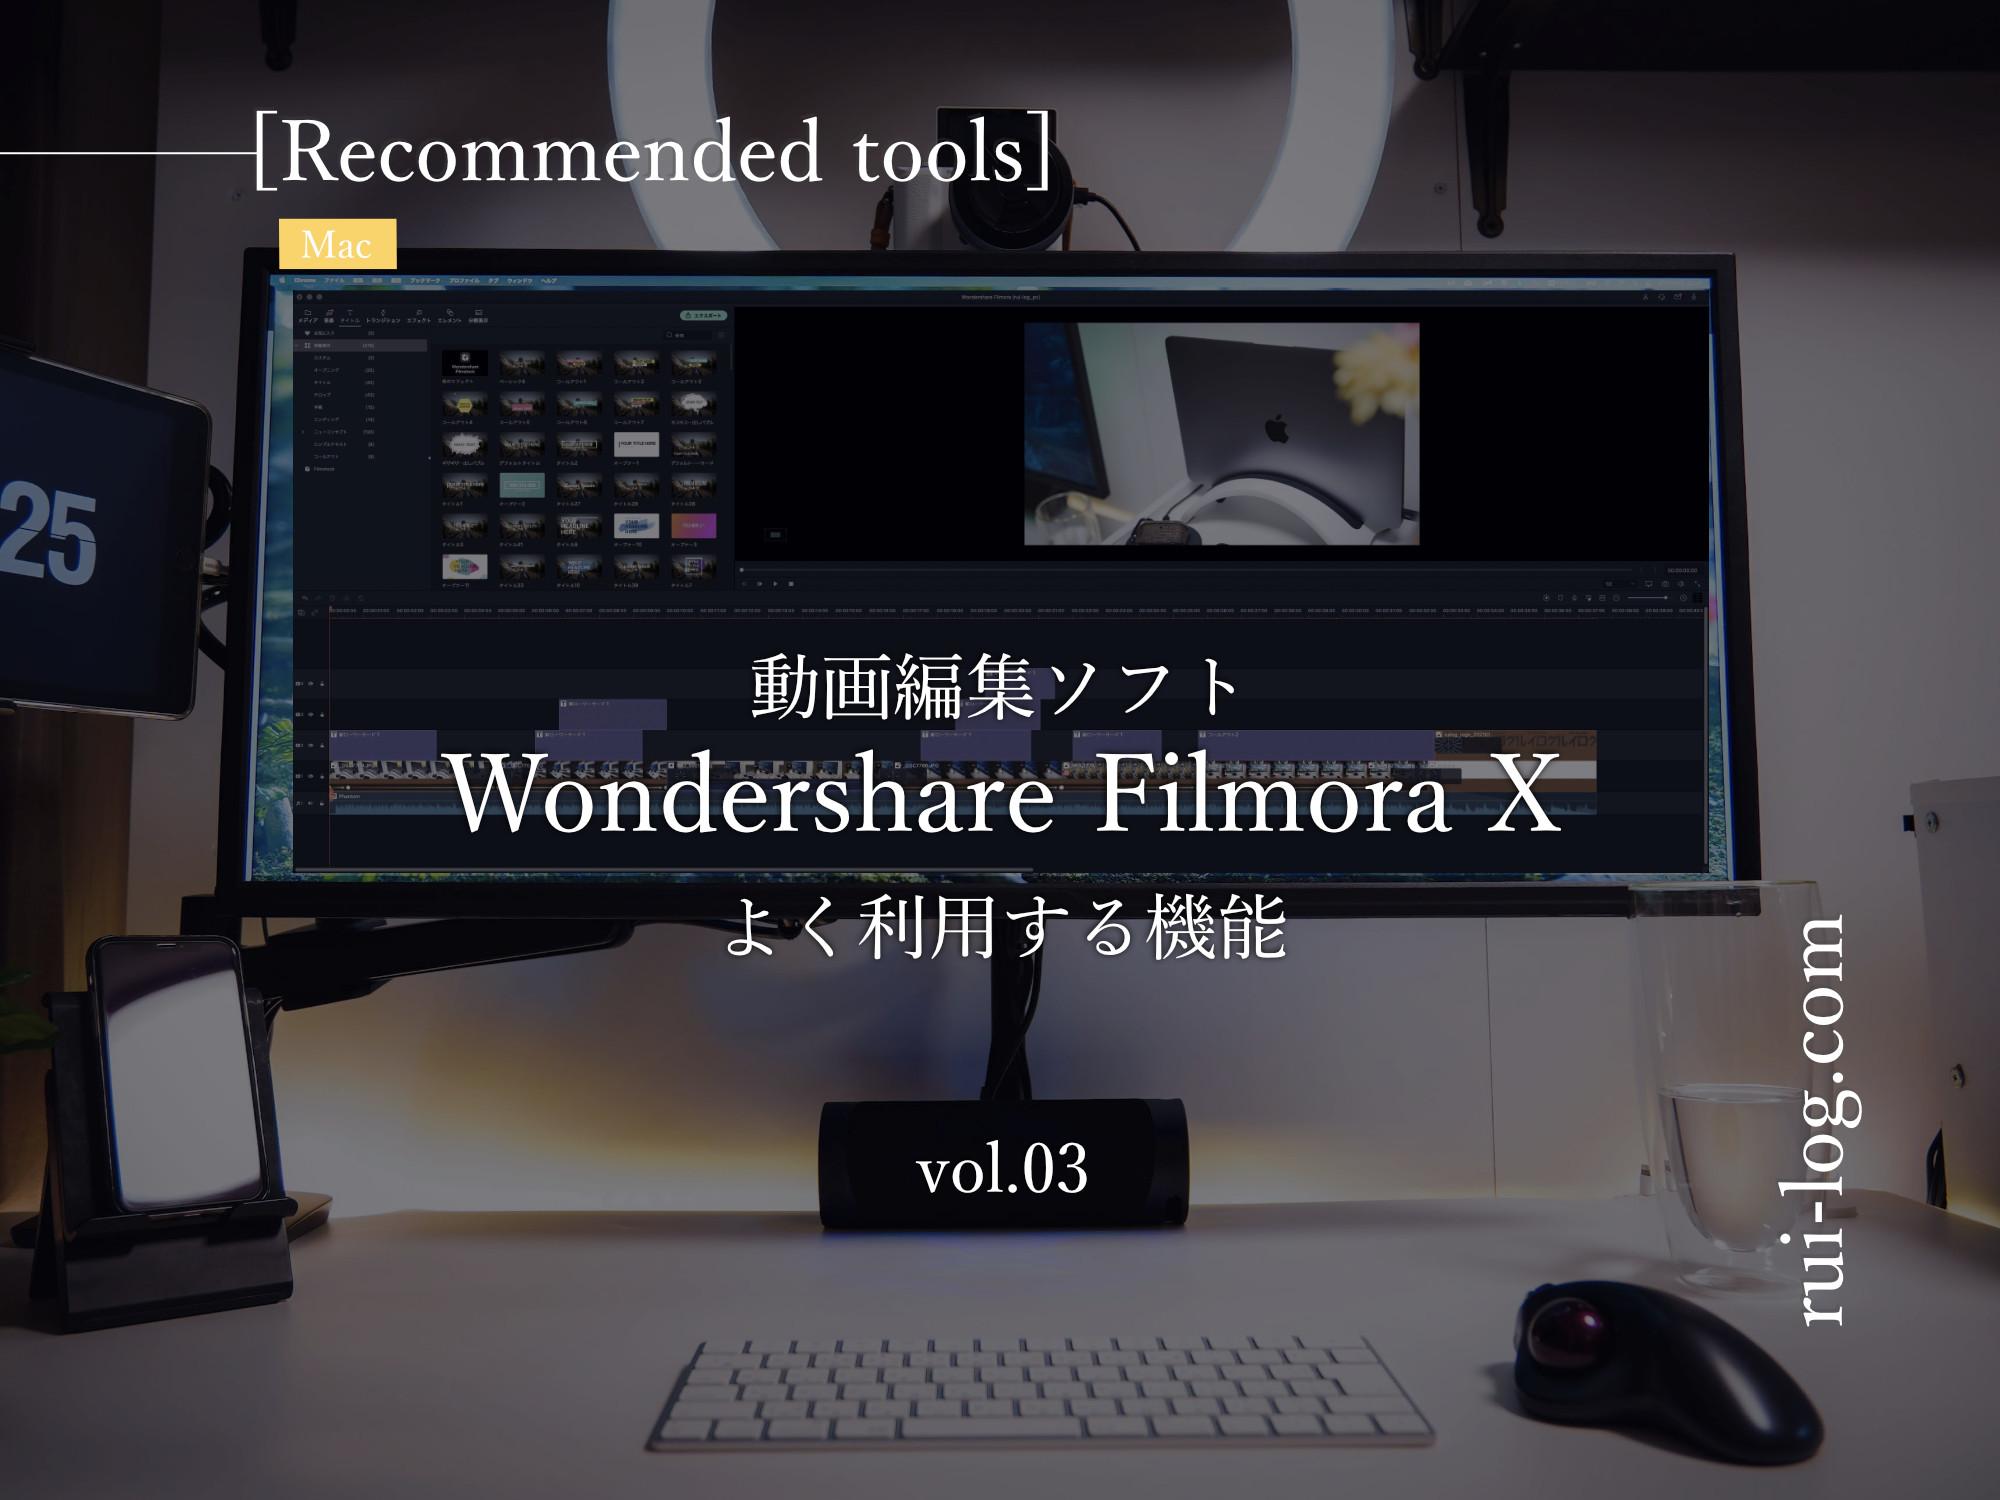 動画編集ソフトWondershare Filmore X Mac版でよく利用する機能をルイログが紹介